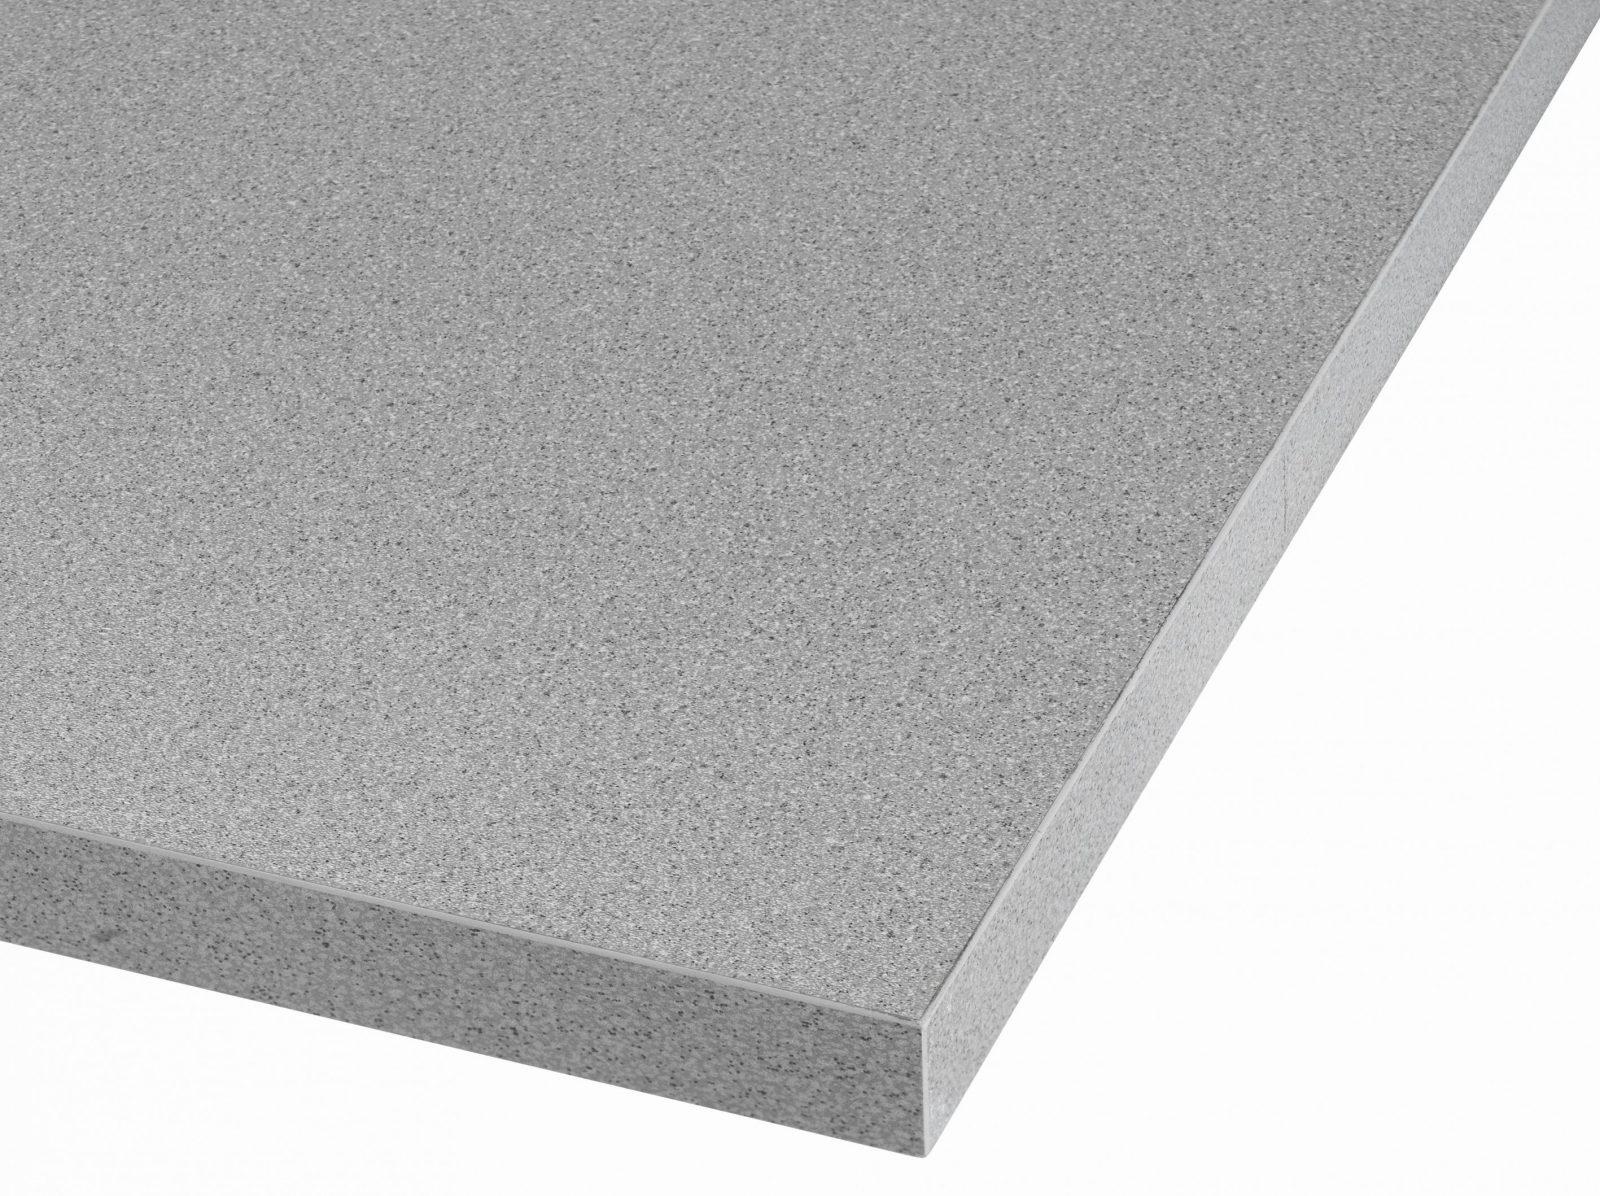 Obi Arbeitsplatte 70 Cm Tief Elegant Arbeitsplatten Preisvergleich von Küchenarbeitsplatte 70 Cm Breit Bild